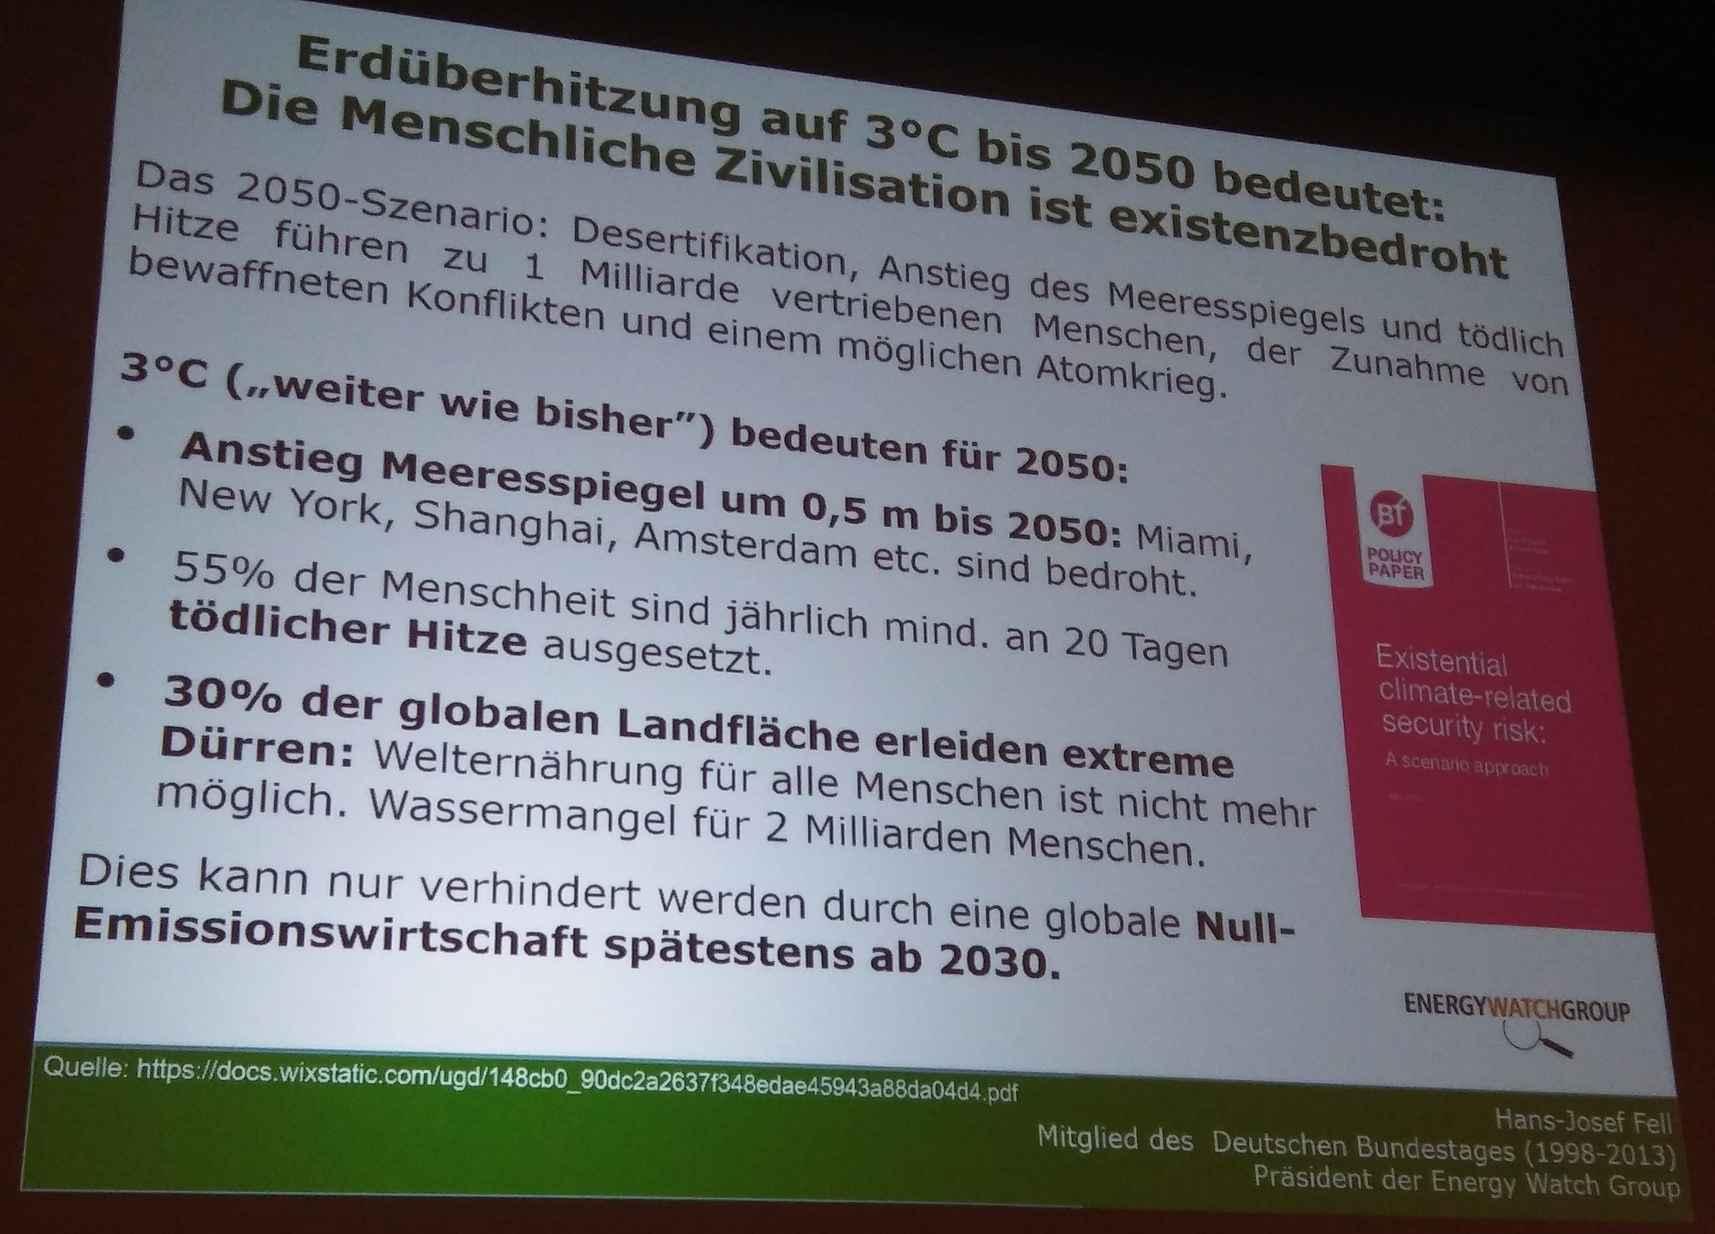 """KEINE """"Klimahysterie"""" ... Die menschliche Zivilisation ist ernsthaft bedroht"""